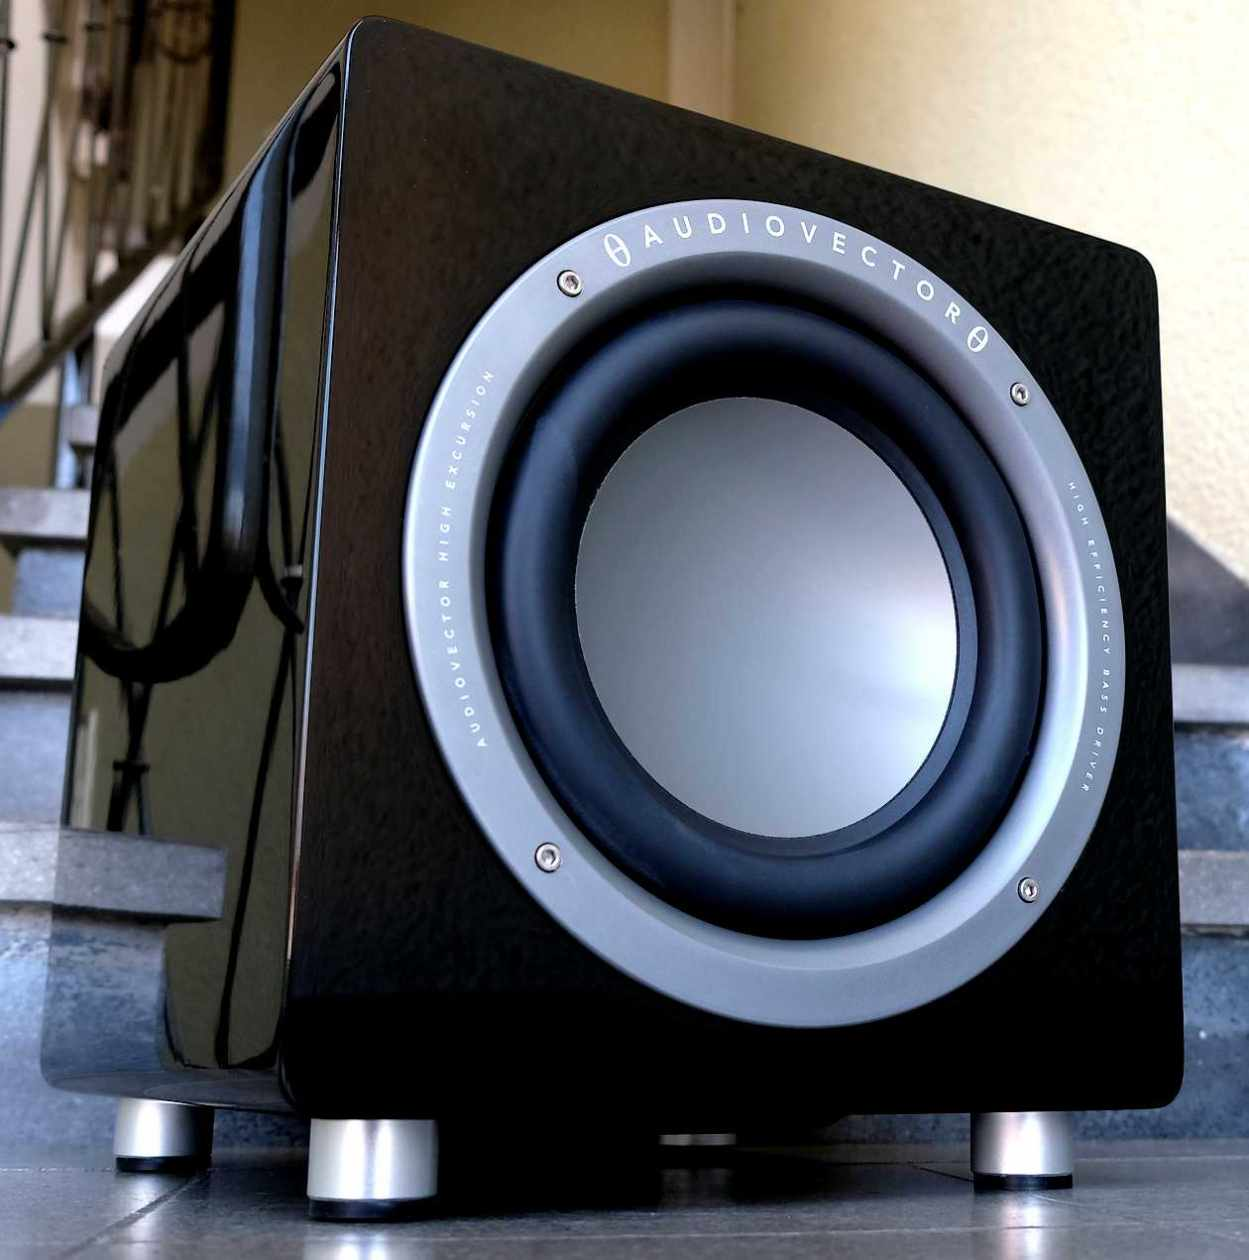 Im Test der Subwoofer Audiovector QR SUB in der Preisklasse im 1.000 Euro